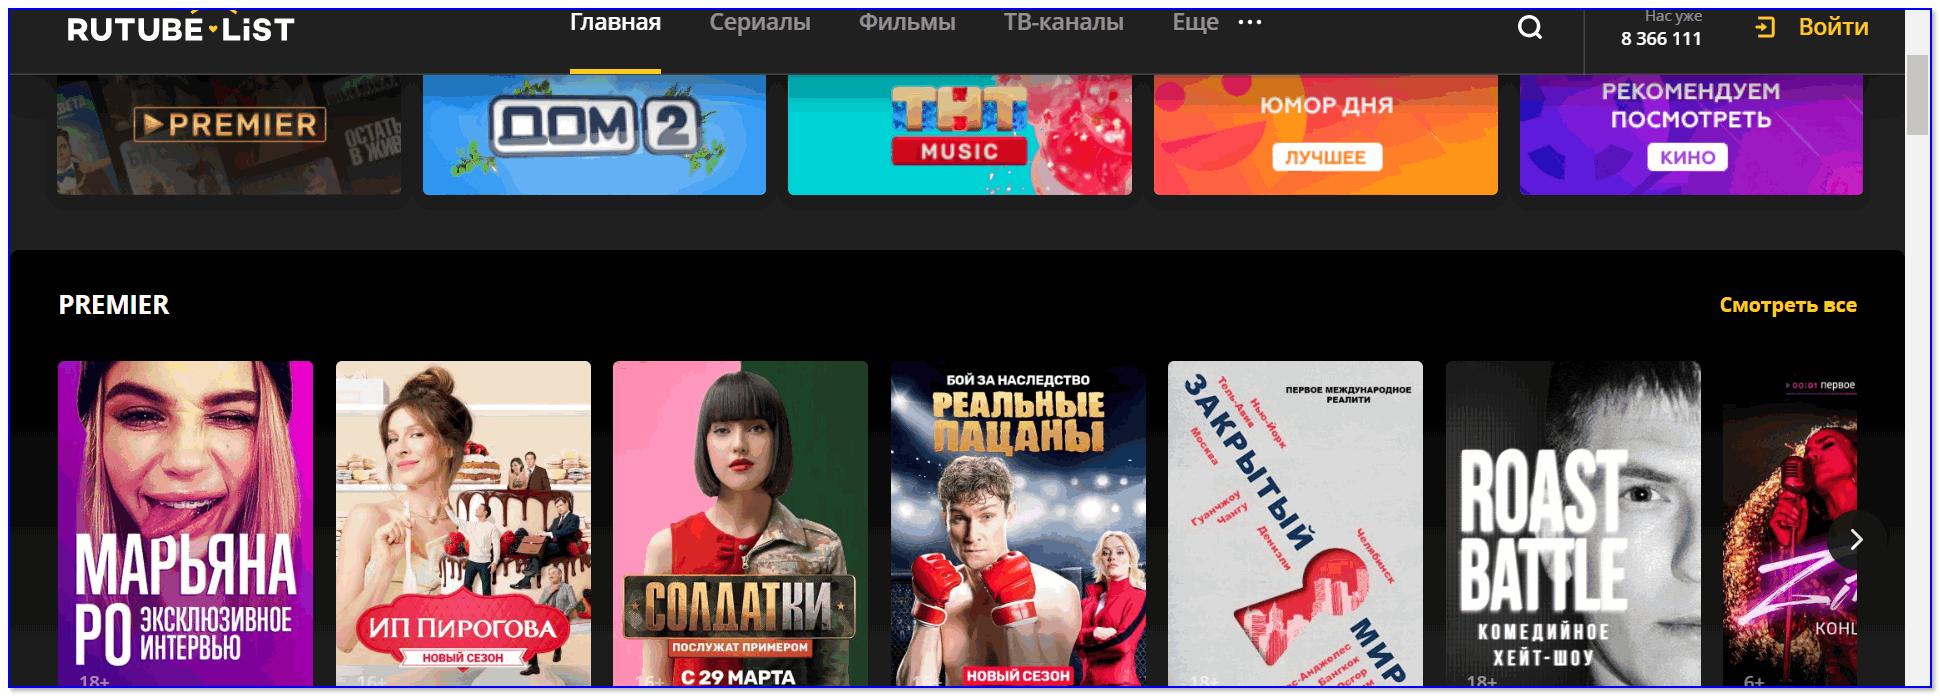 Скриншот с сайта RuTube